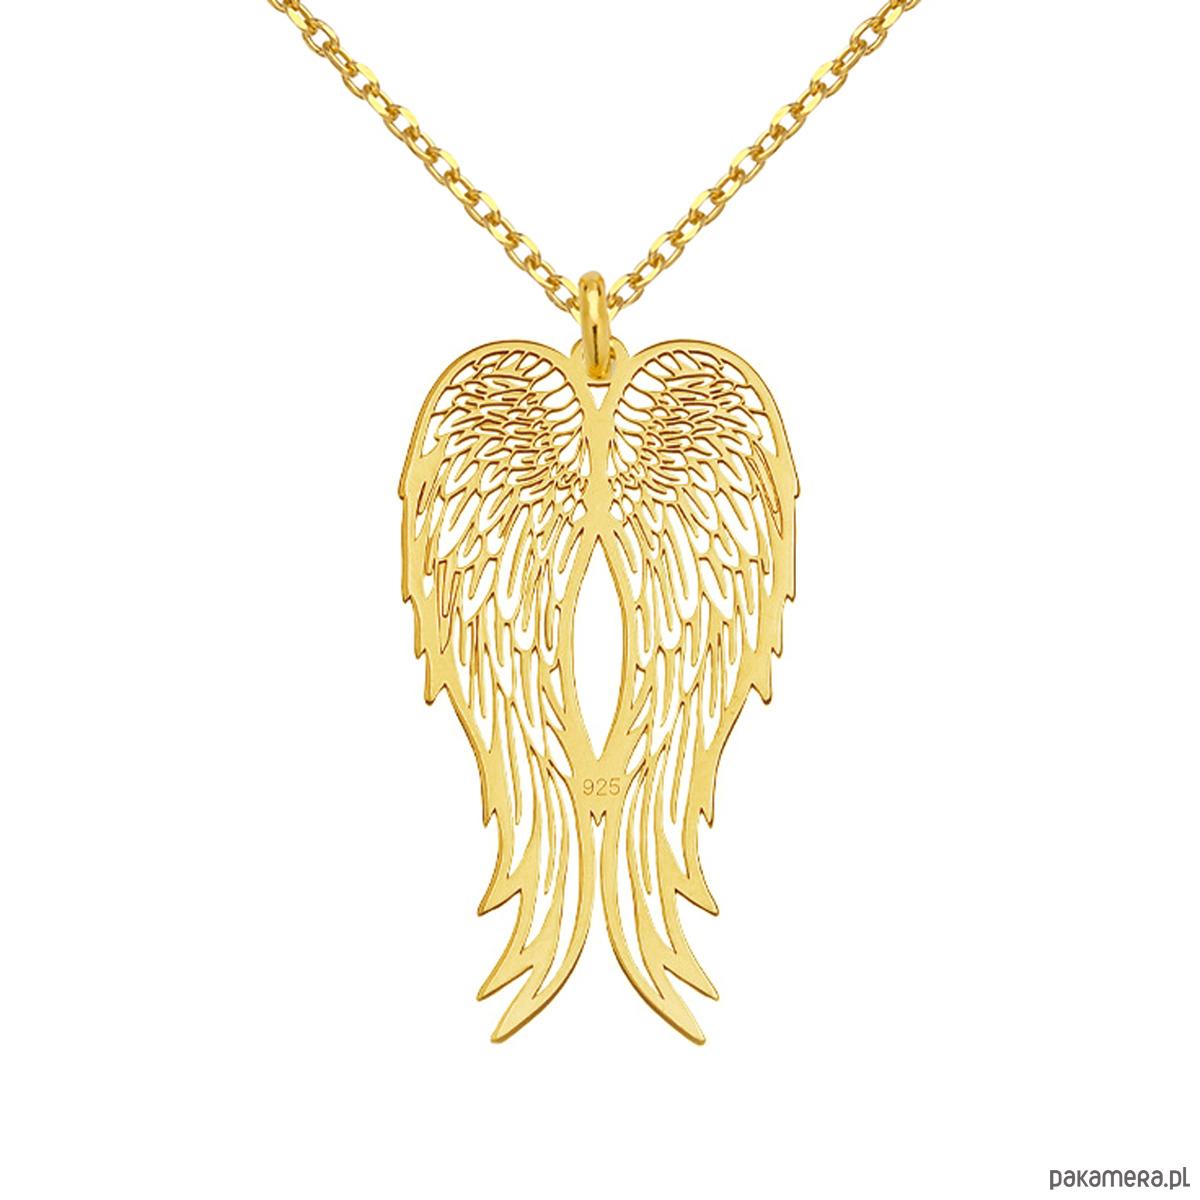 e795e67b232e0f Długi złoty naszyjnik ze skrzydłami - naszyjniki - inne - Pakamera.pl